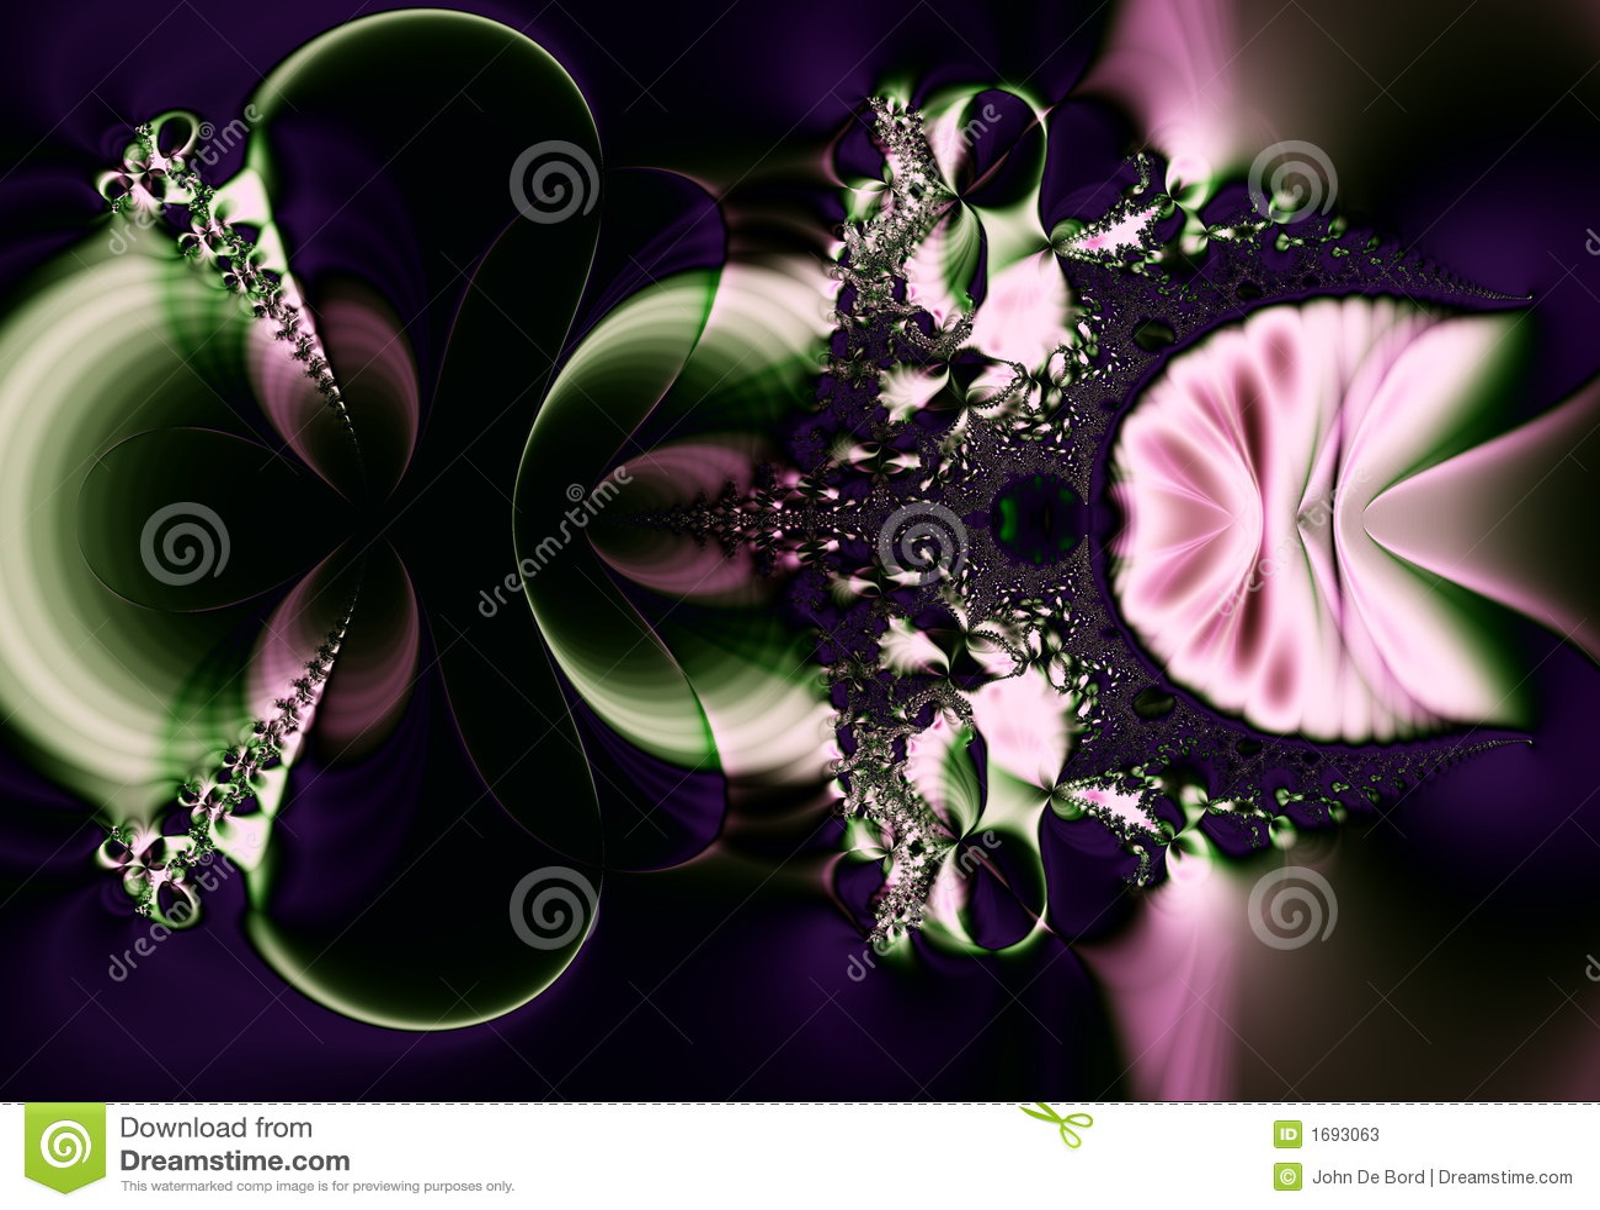 Ciemno fractal abstrakcyjne